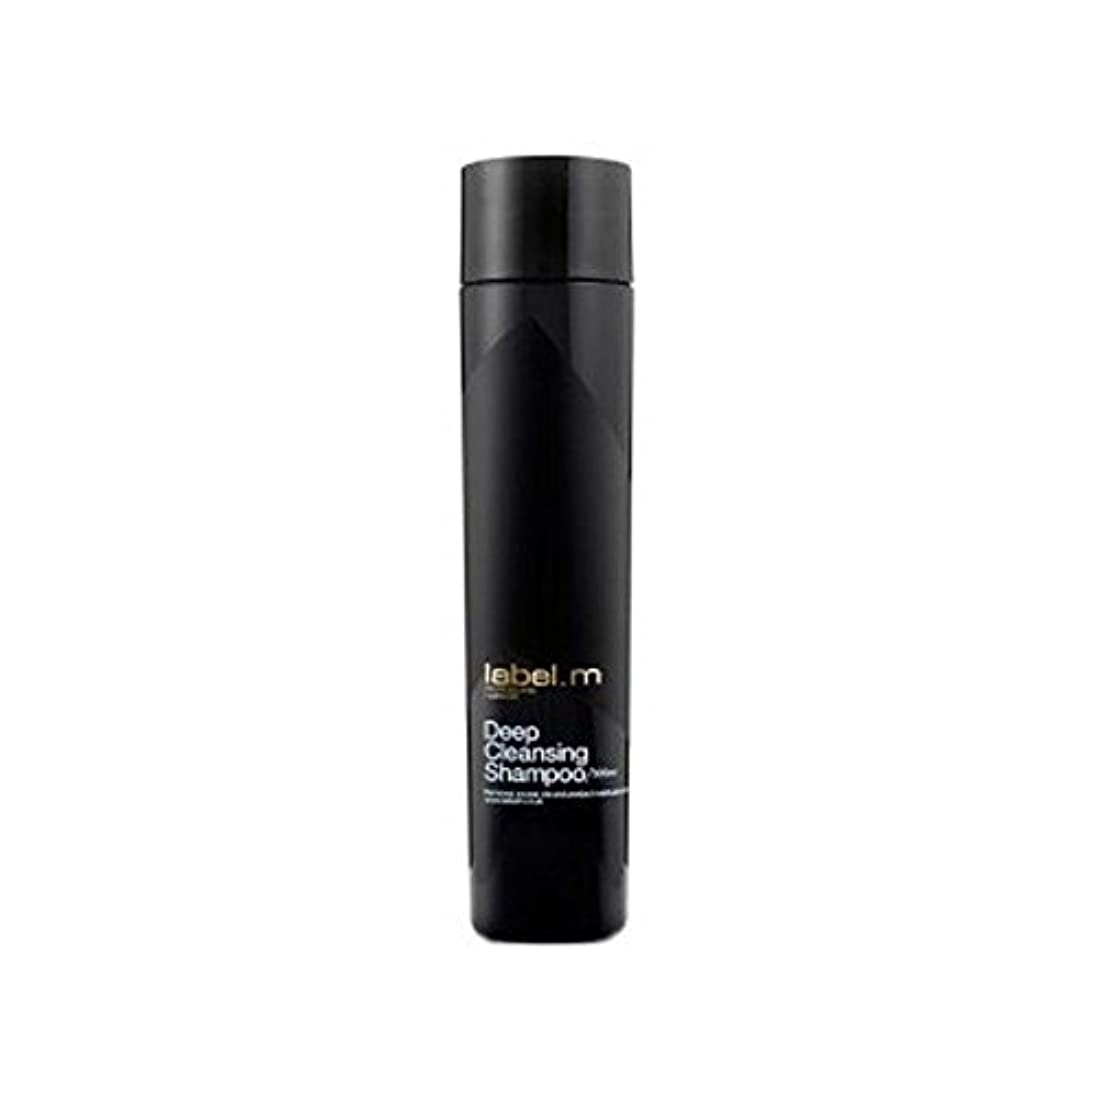 かわいらしいスペアハシー.ディープクレンジングシャンプー(300ミリリットル) x4 - Label.M Deep Cleansing Shampoo (300ml) (Pack of 4) [並行輸入品]